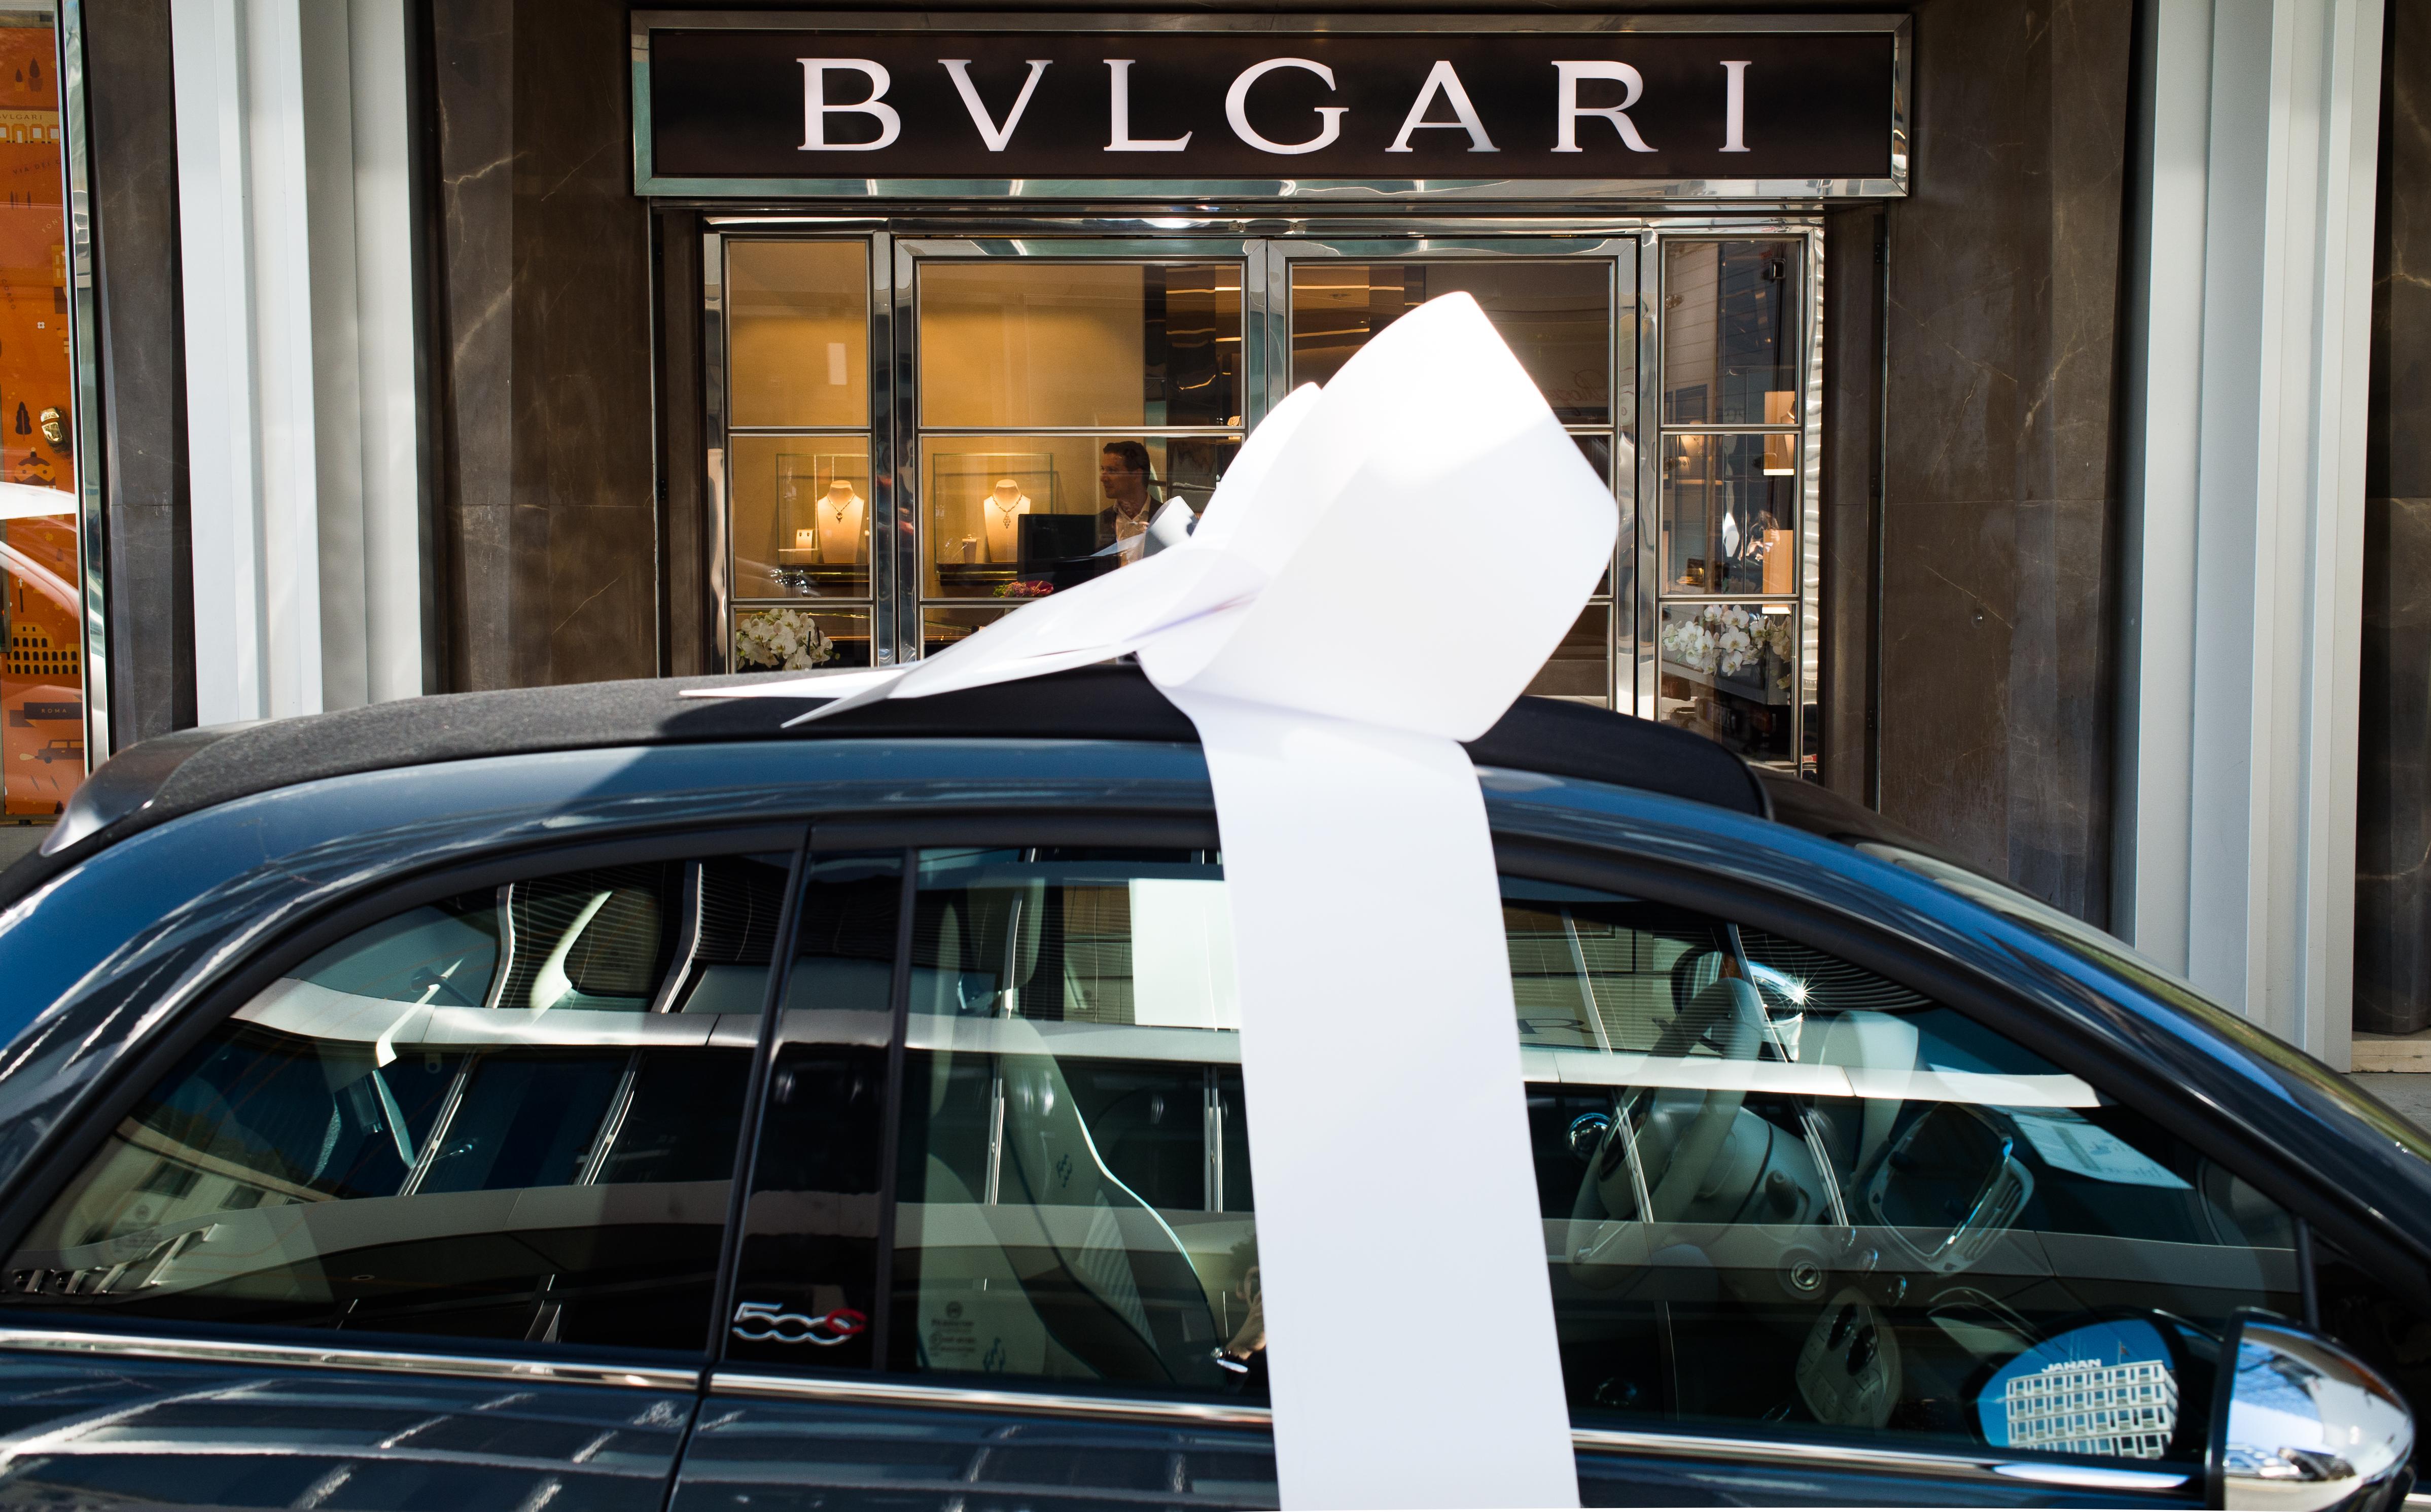 Fiat X Bulgari